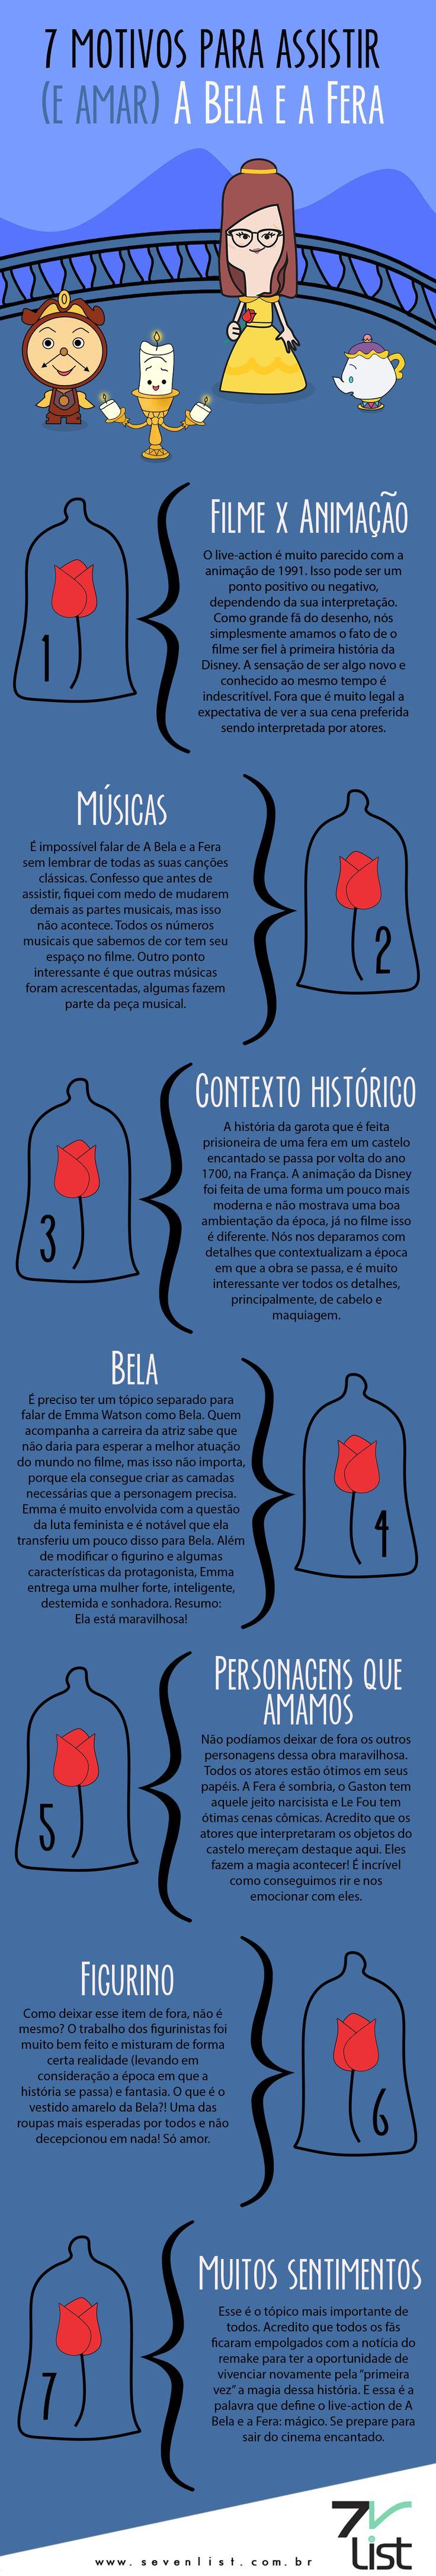 Um dos filmes mais aguardados para 2017 já está em cartaz e nós viemos falar sobre ele. Confira 7 motivos para assistir (e amar) A Bela e a Fera. #SevenList #Disney #Princesas #Bela #BelaeaFera #Beautyandthebeast #Emmawatson #GirlPower #France #Gaston #Design #Art #Infografico